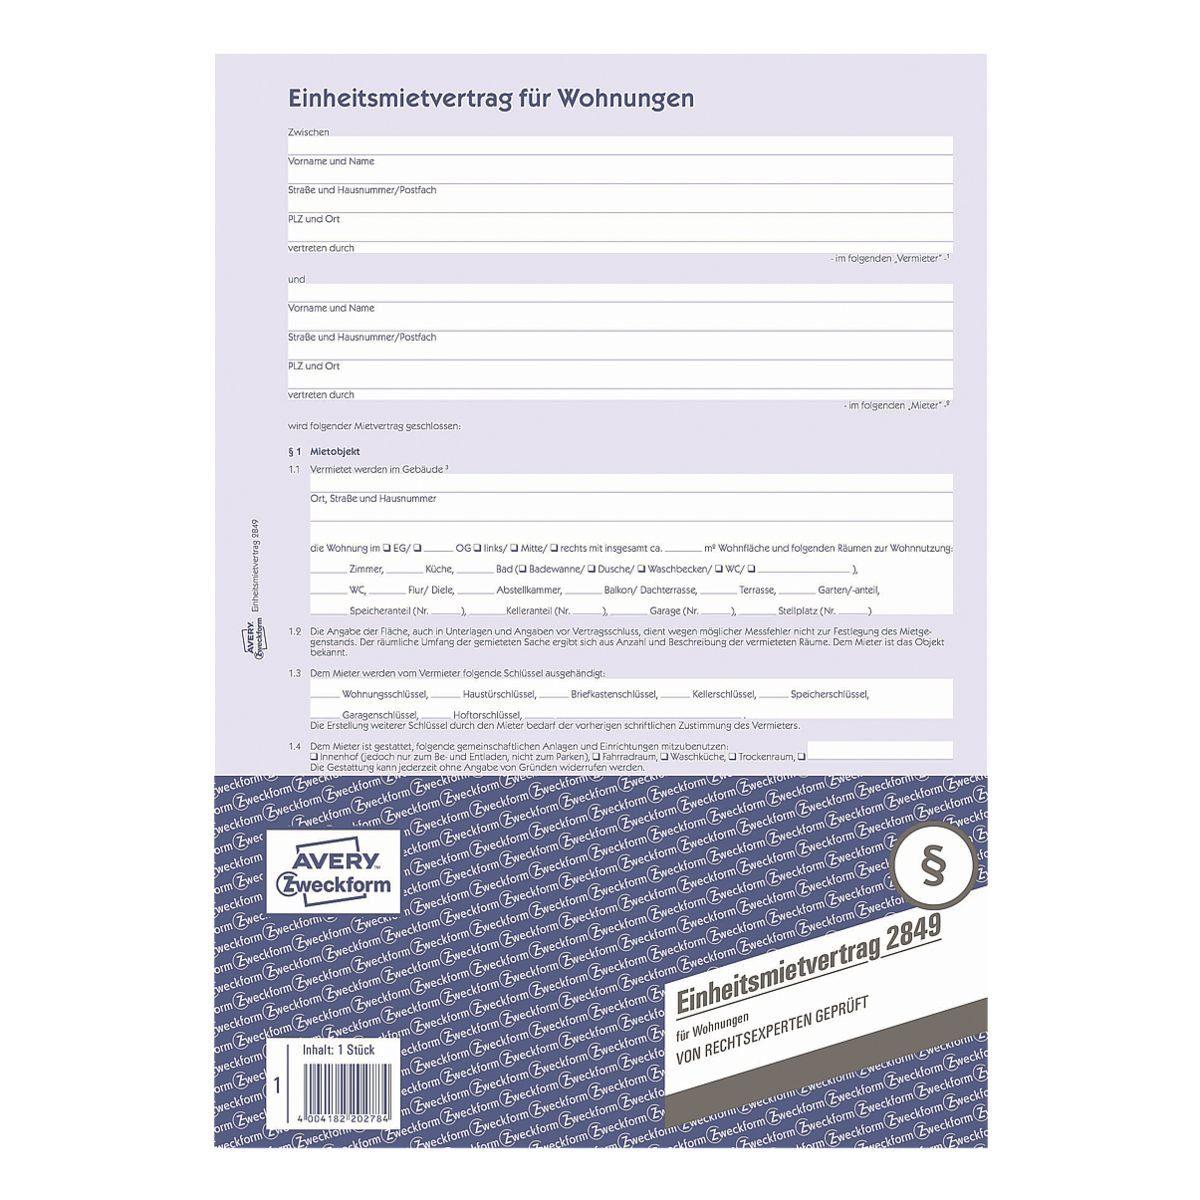 ZWECKFORMAVERY Formularvordruck »Einheitsmietvertrag für Wohnung«